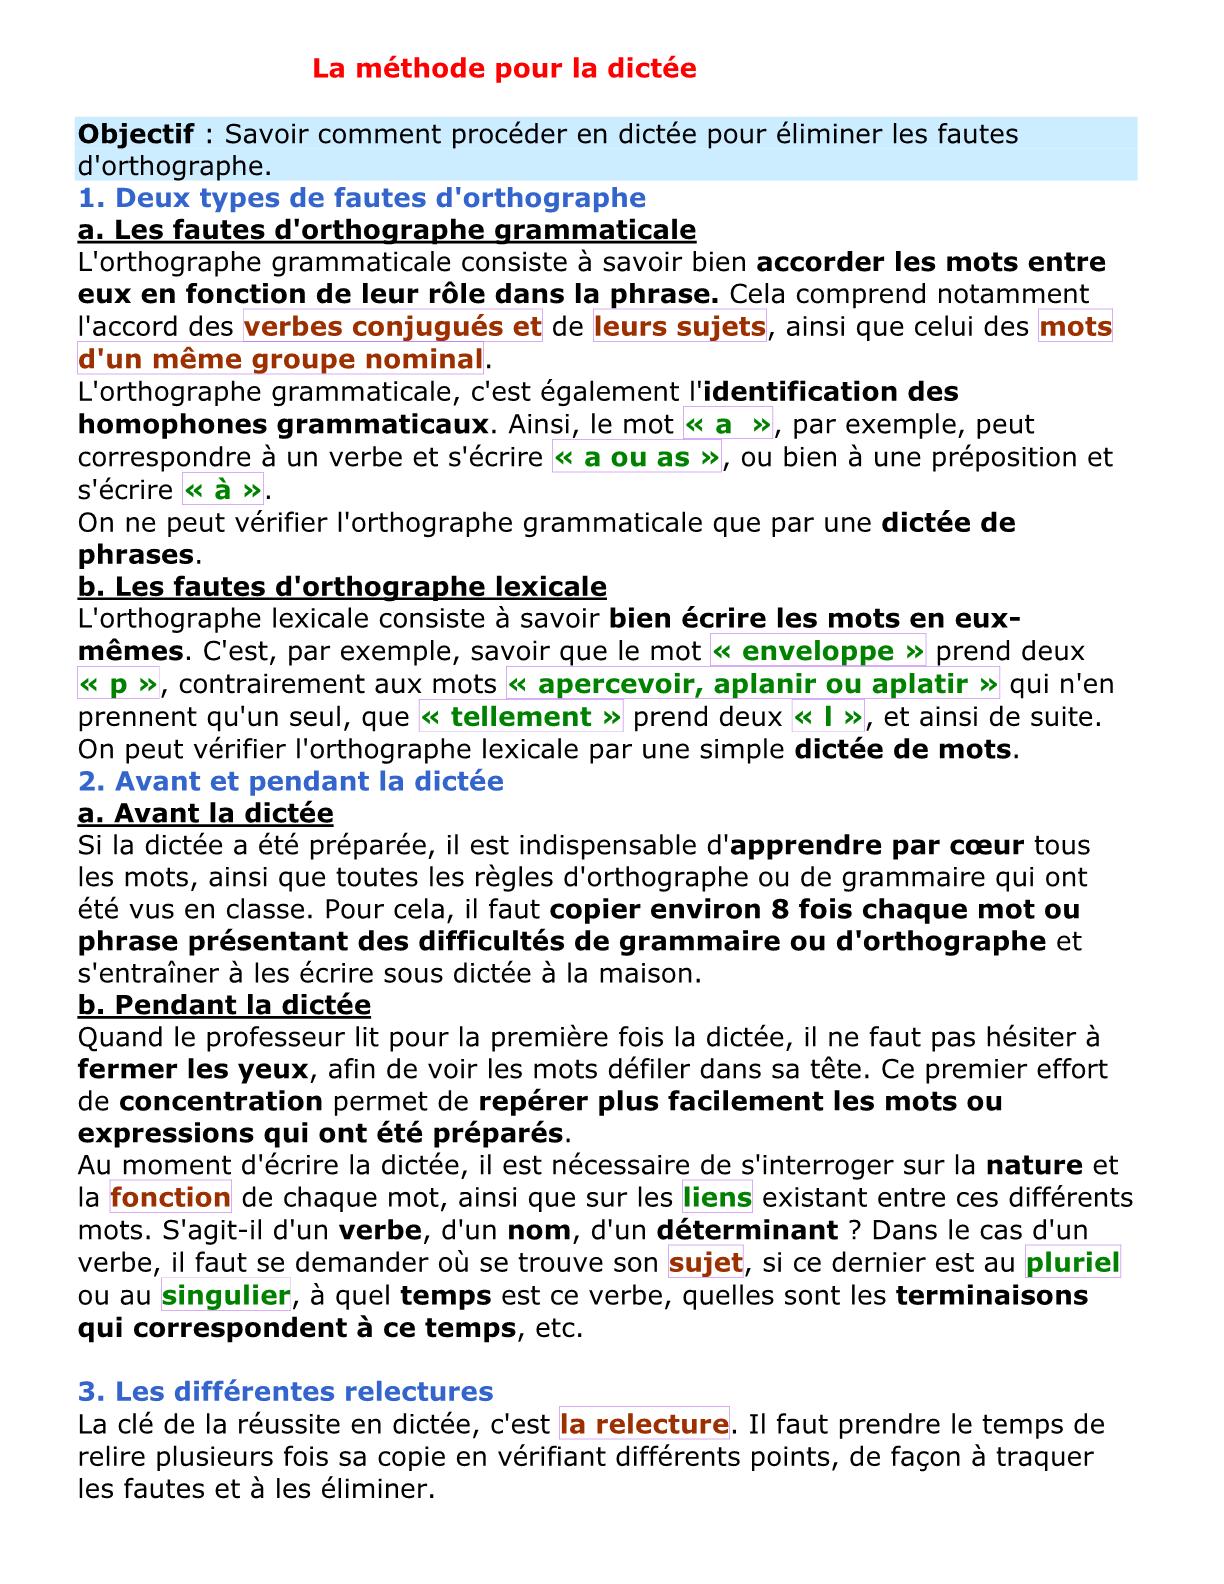 درس La méthode pour la dictée للسنة الأولى إعدادي